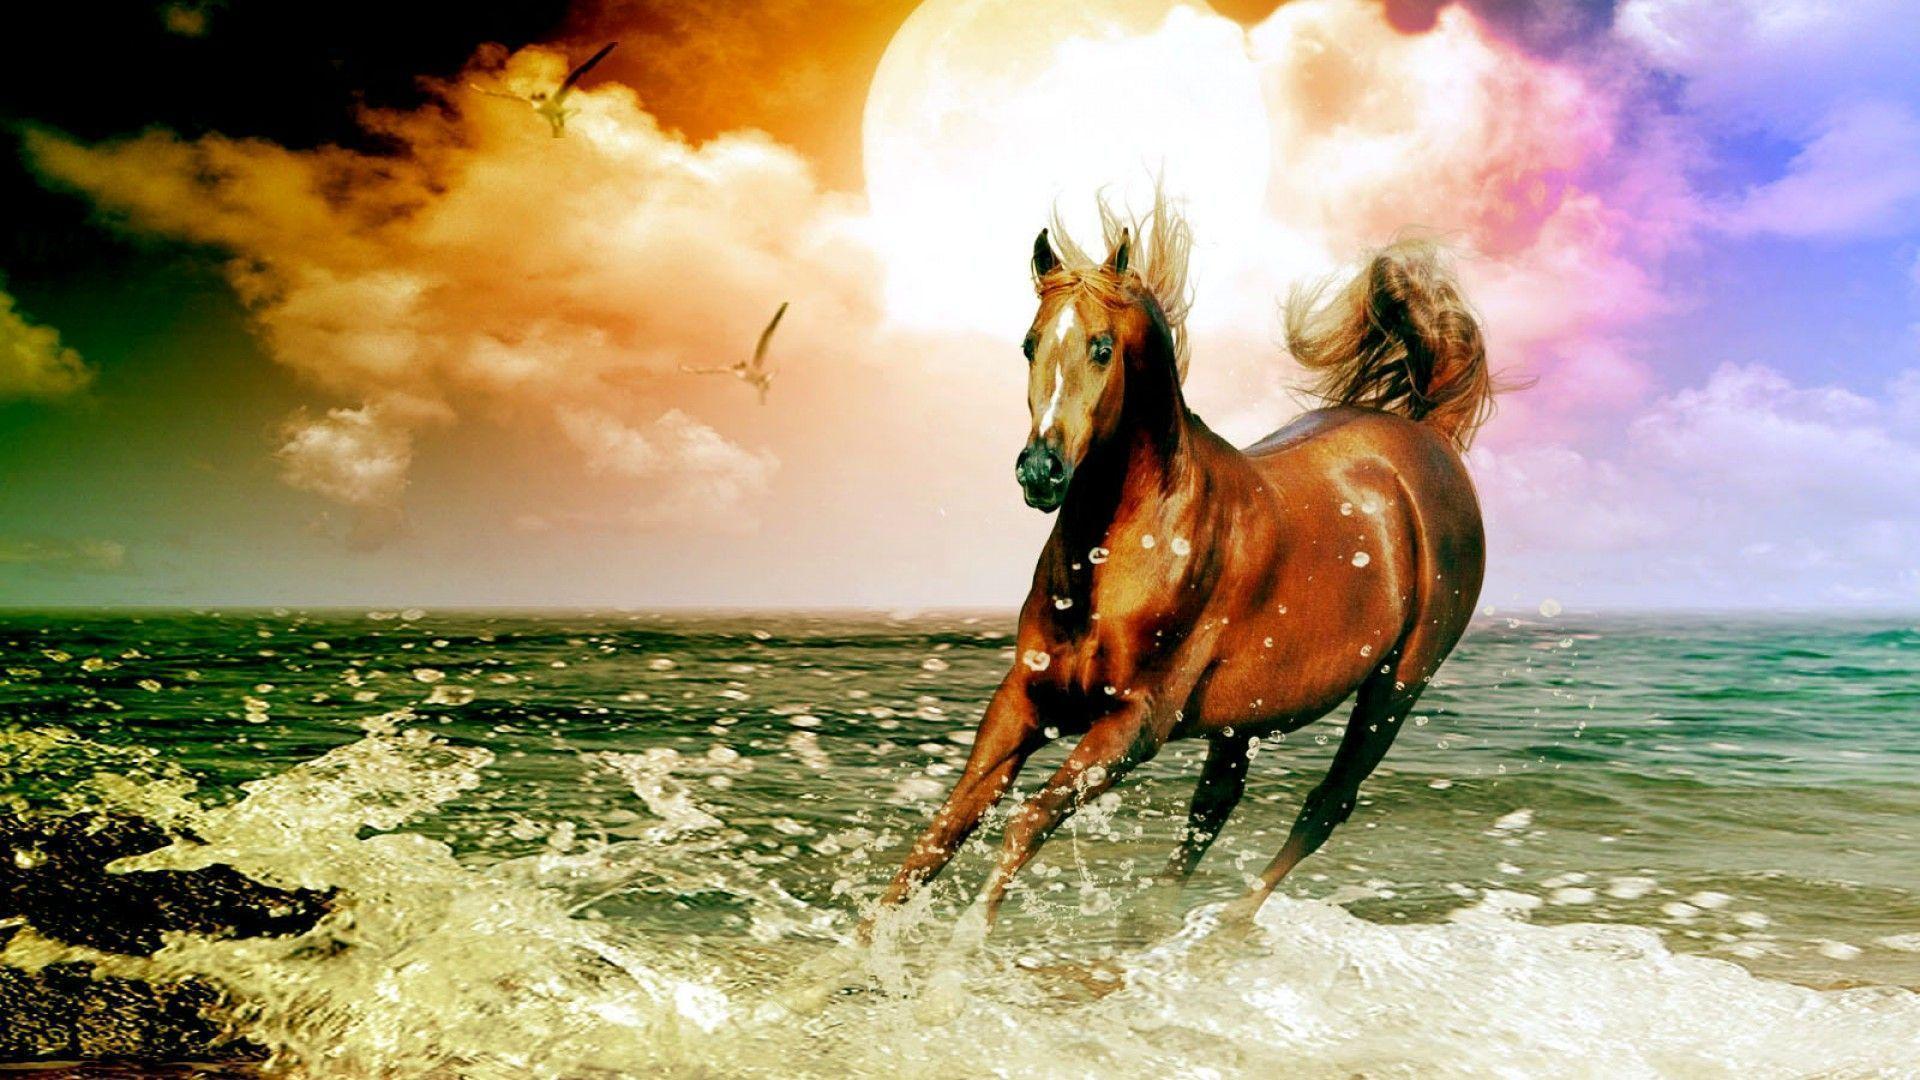 Horse Desktop Wallpapers 1920x1080